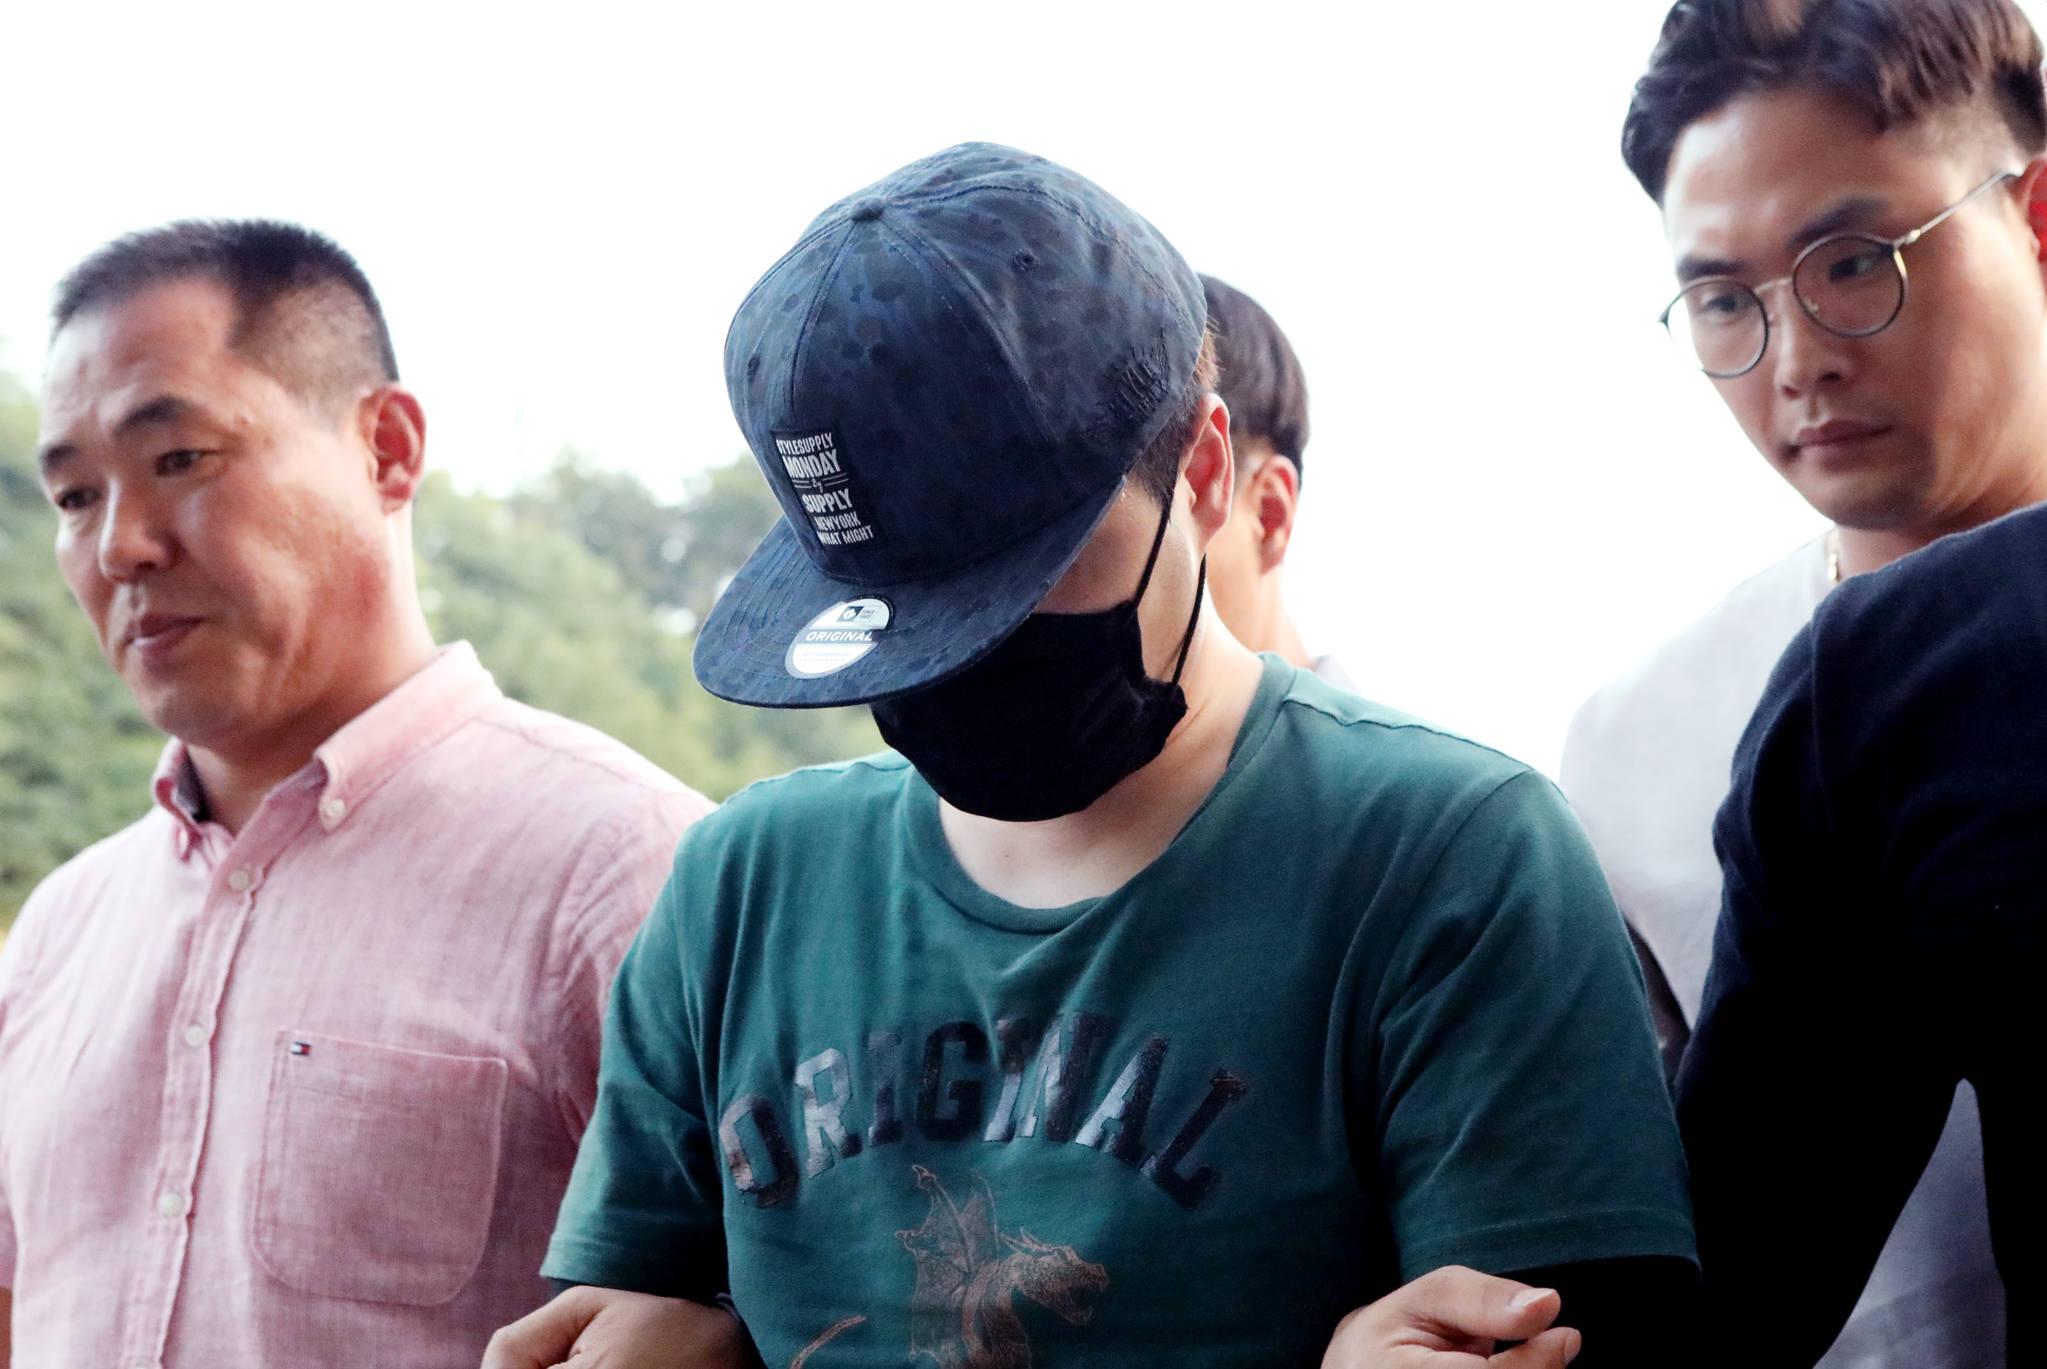 19일 오후 경북 영주 새마을금고 복면강도 용의자 A(36)씨가 영주지역 한 병원 앞에서 검거돼 영주경찰서로 압송되고 있다. [뉴스1]